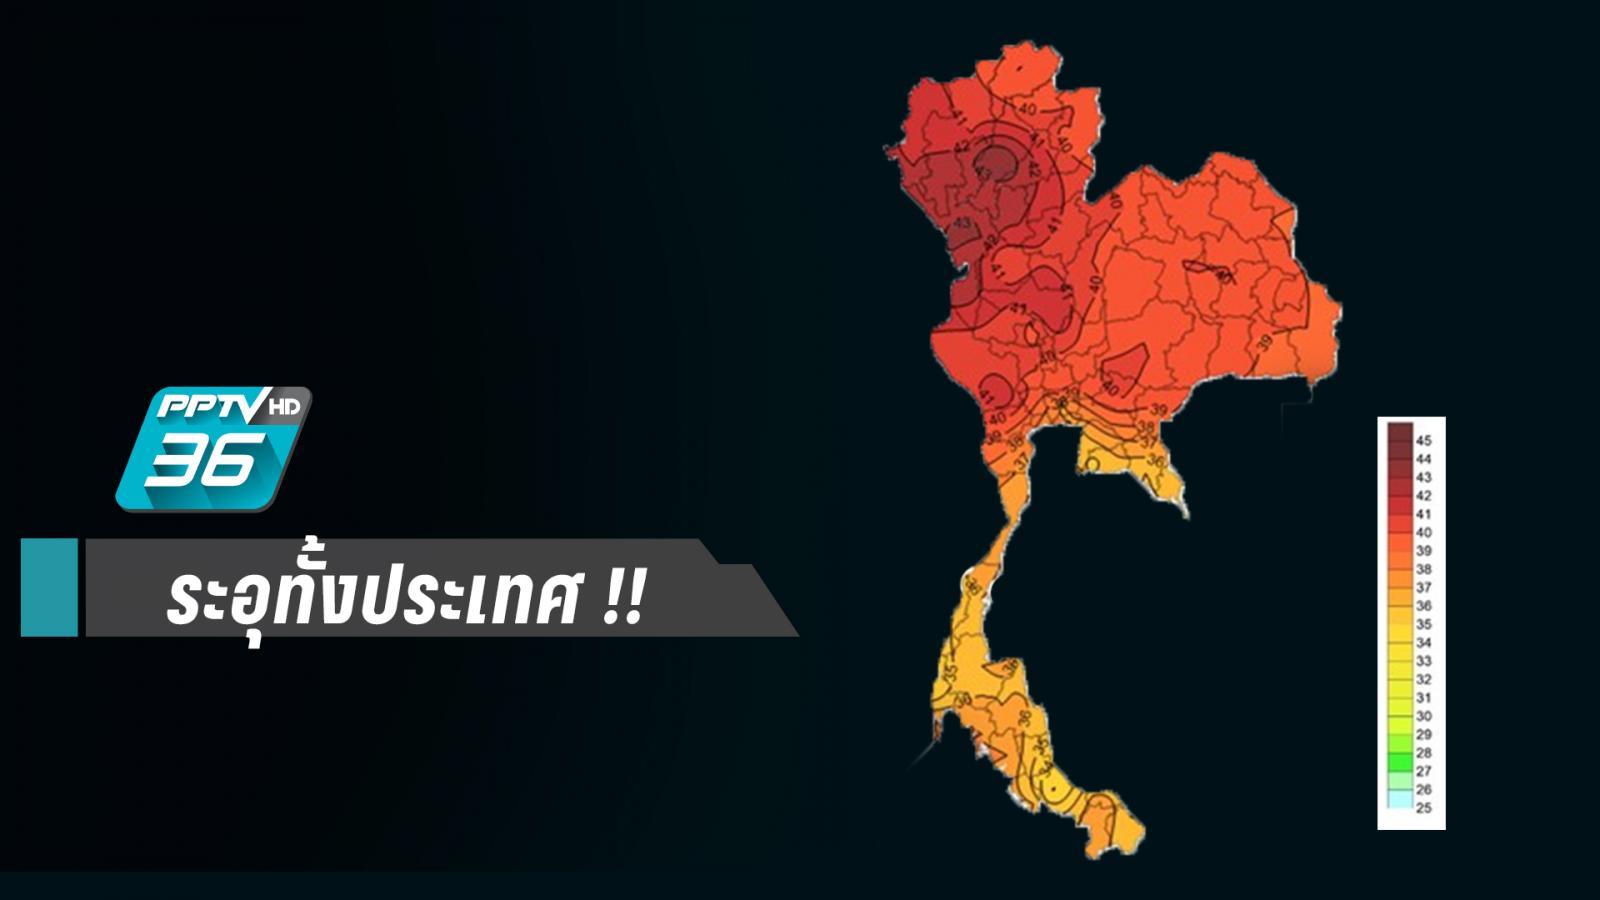 ระอุทั้งประเทศ!! กลายเป็นสีแดง  อุณหภูมิพุ่ง แตะ 40 องศา